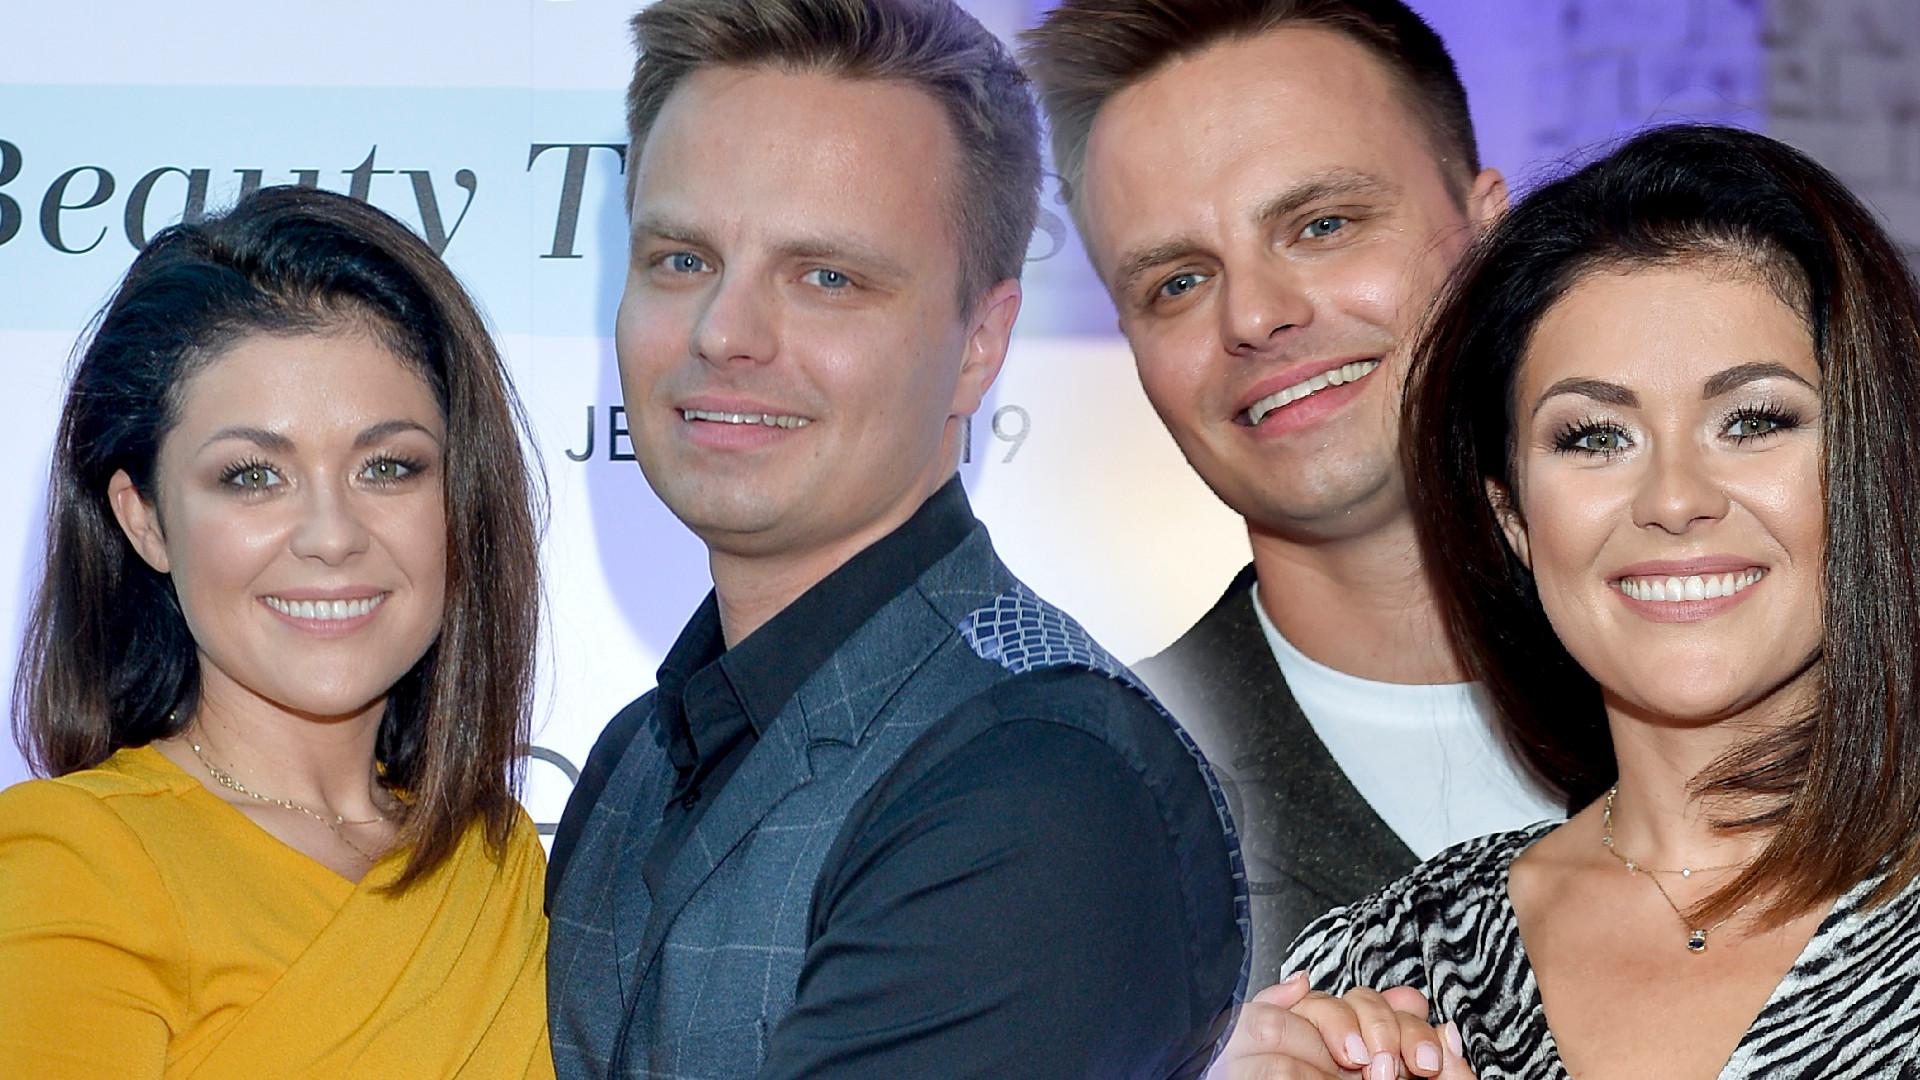 Kasia Cichopek zrzuciła na wadze i wygląda świetnie: Już nie chudnij, bo mi znikniesz Myszko – pisze mąż